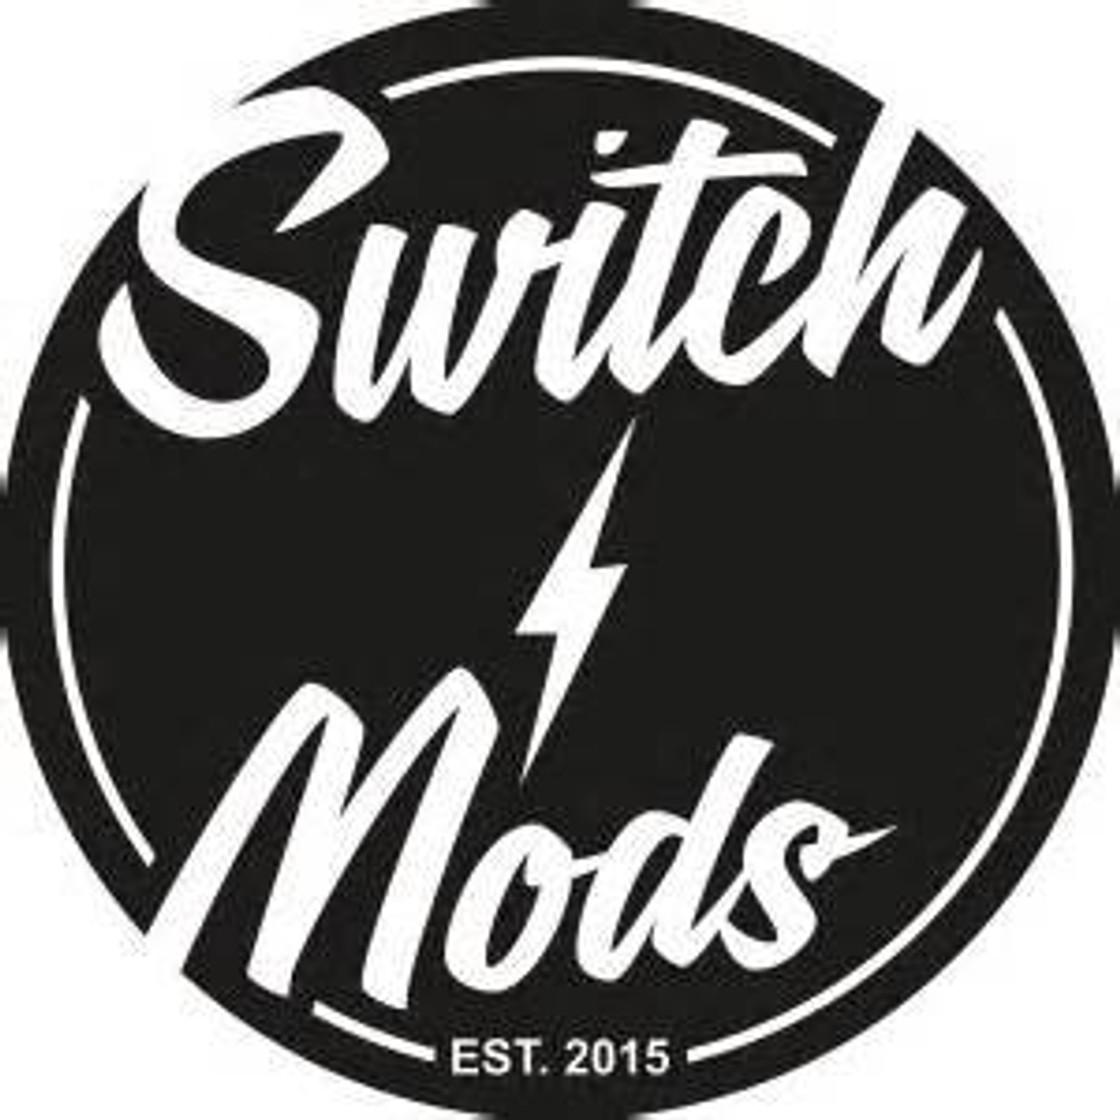 Switch Mods